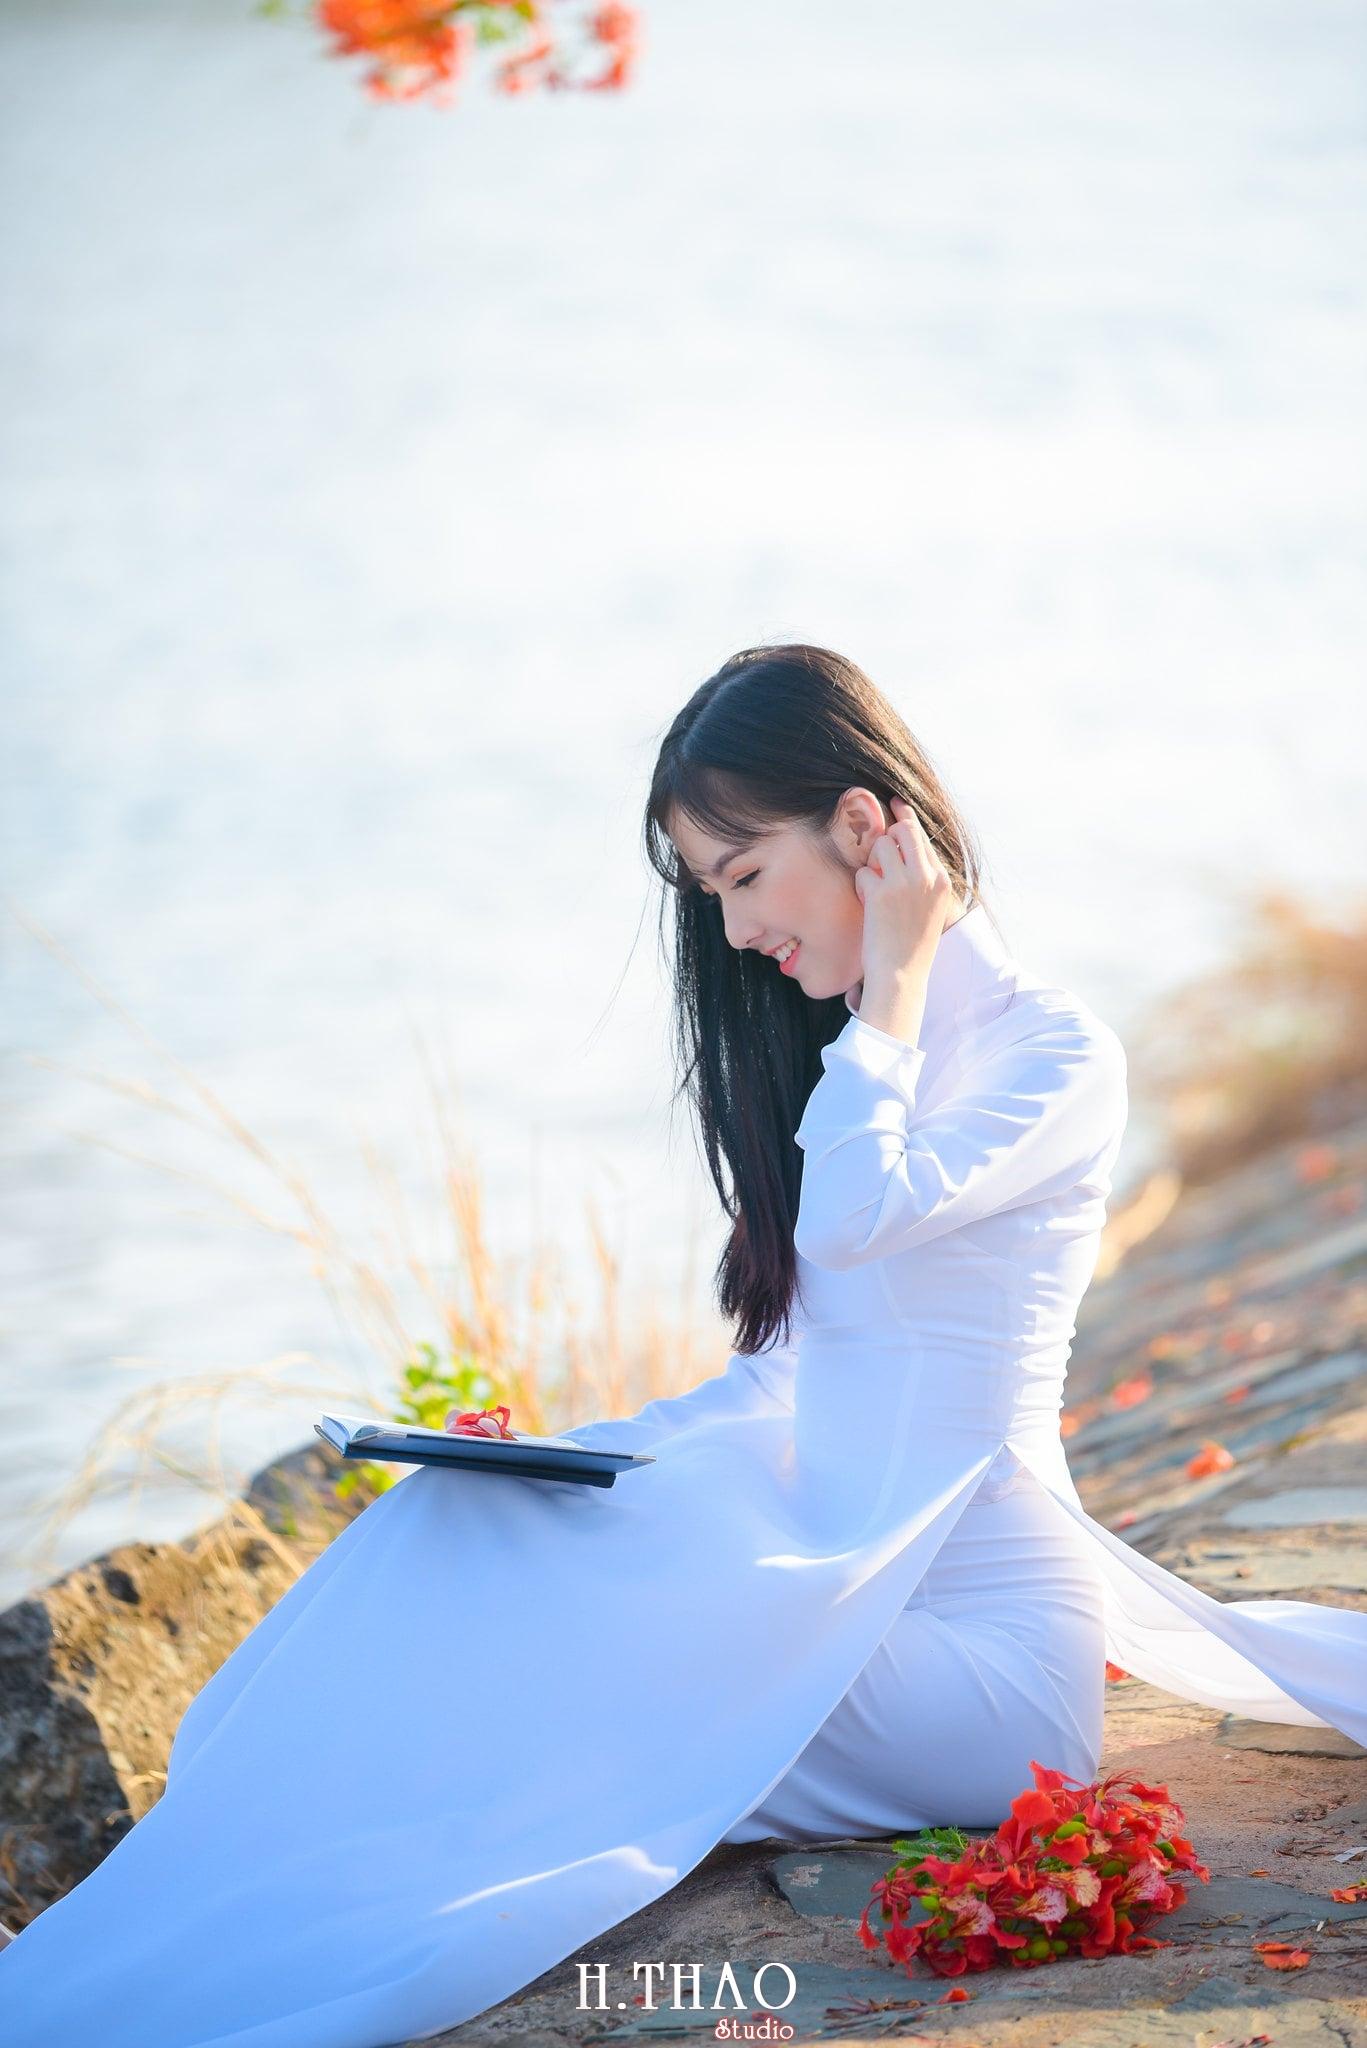 ao dai quan 2 8 - 49 cách tạo dáng chụp ảnh với áo dài tuyệt đẹp - HThao Studio